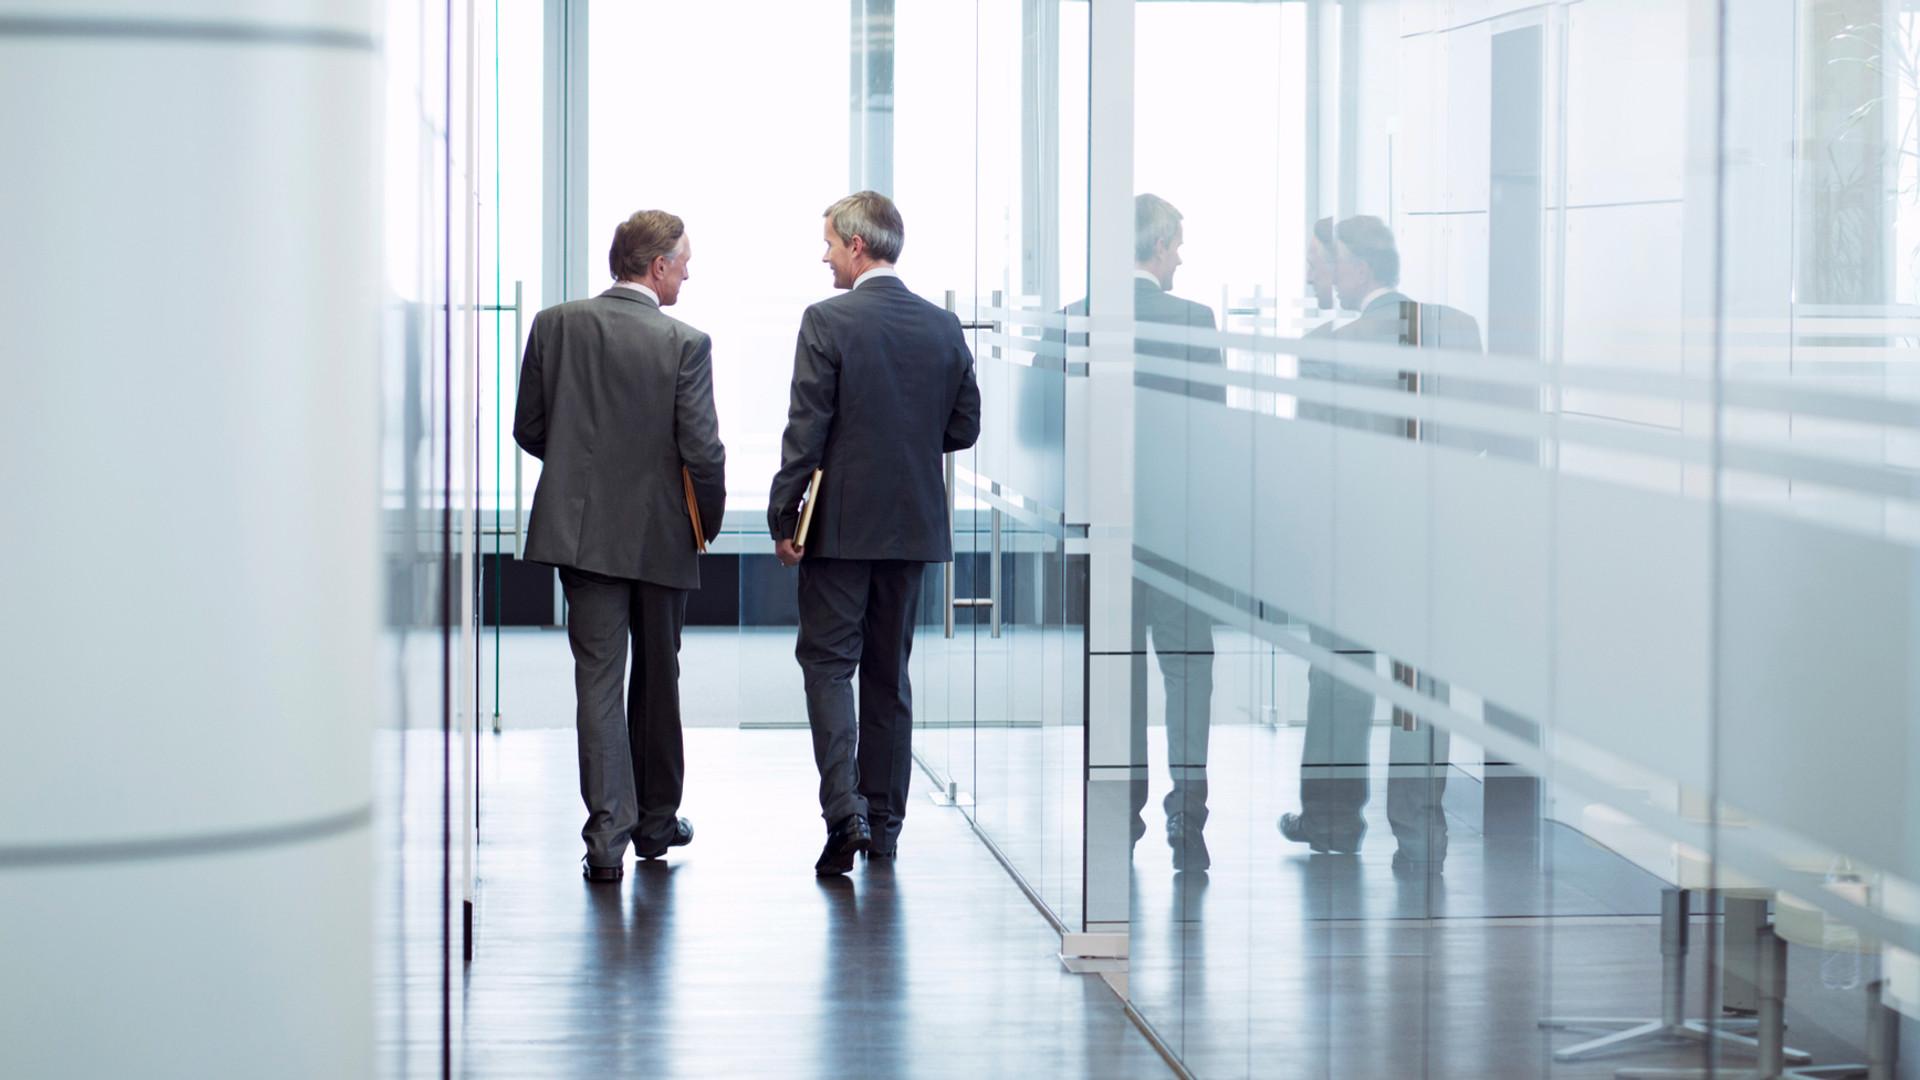 Discussion Réunion d'affaires